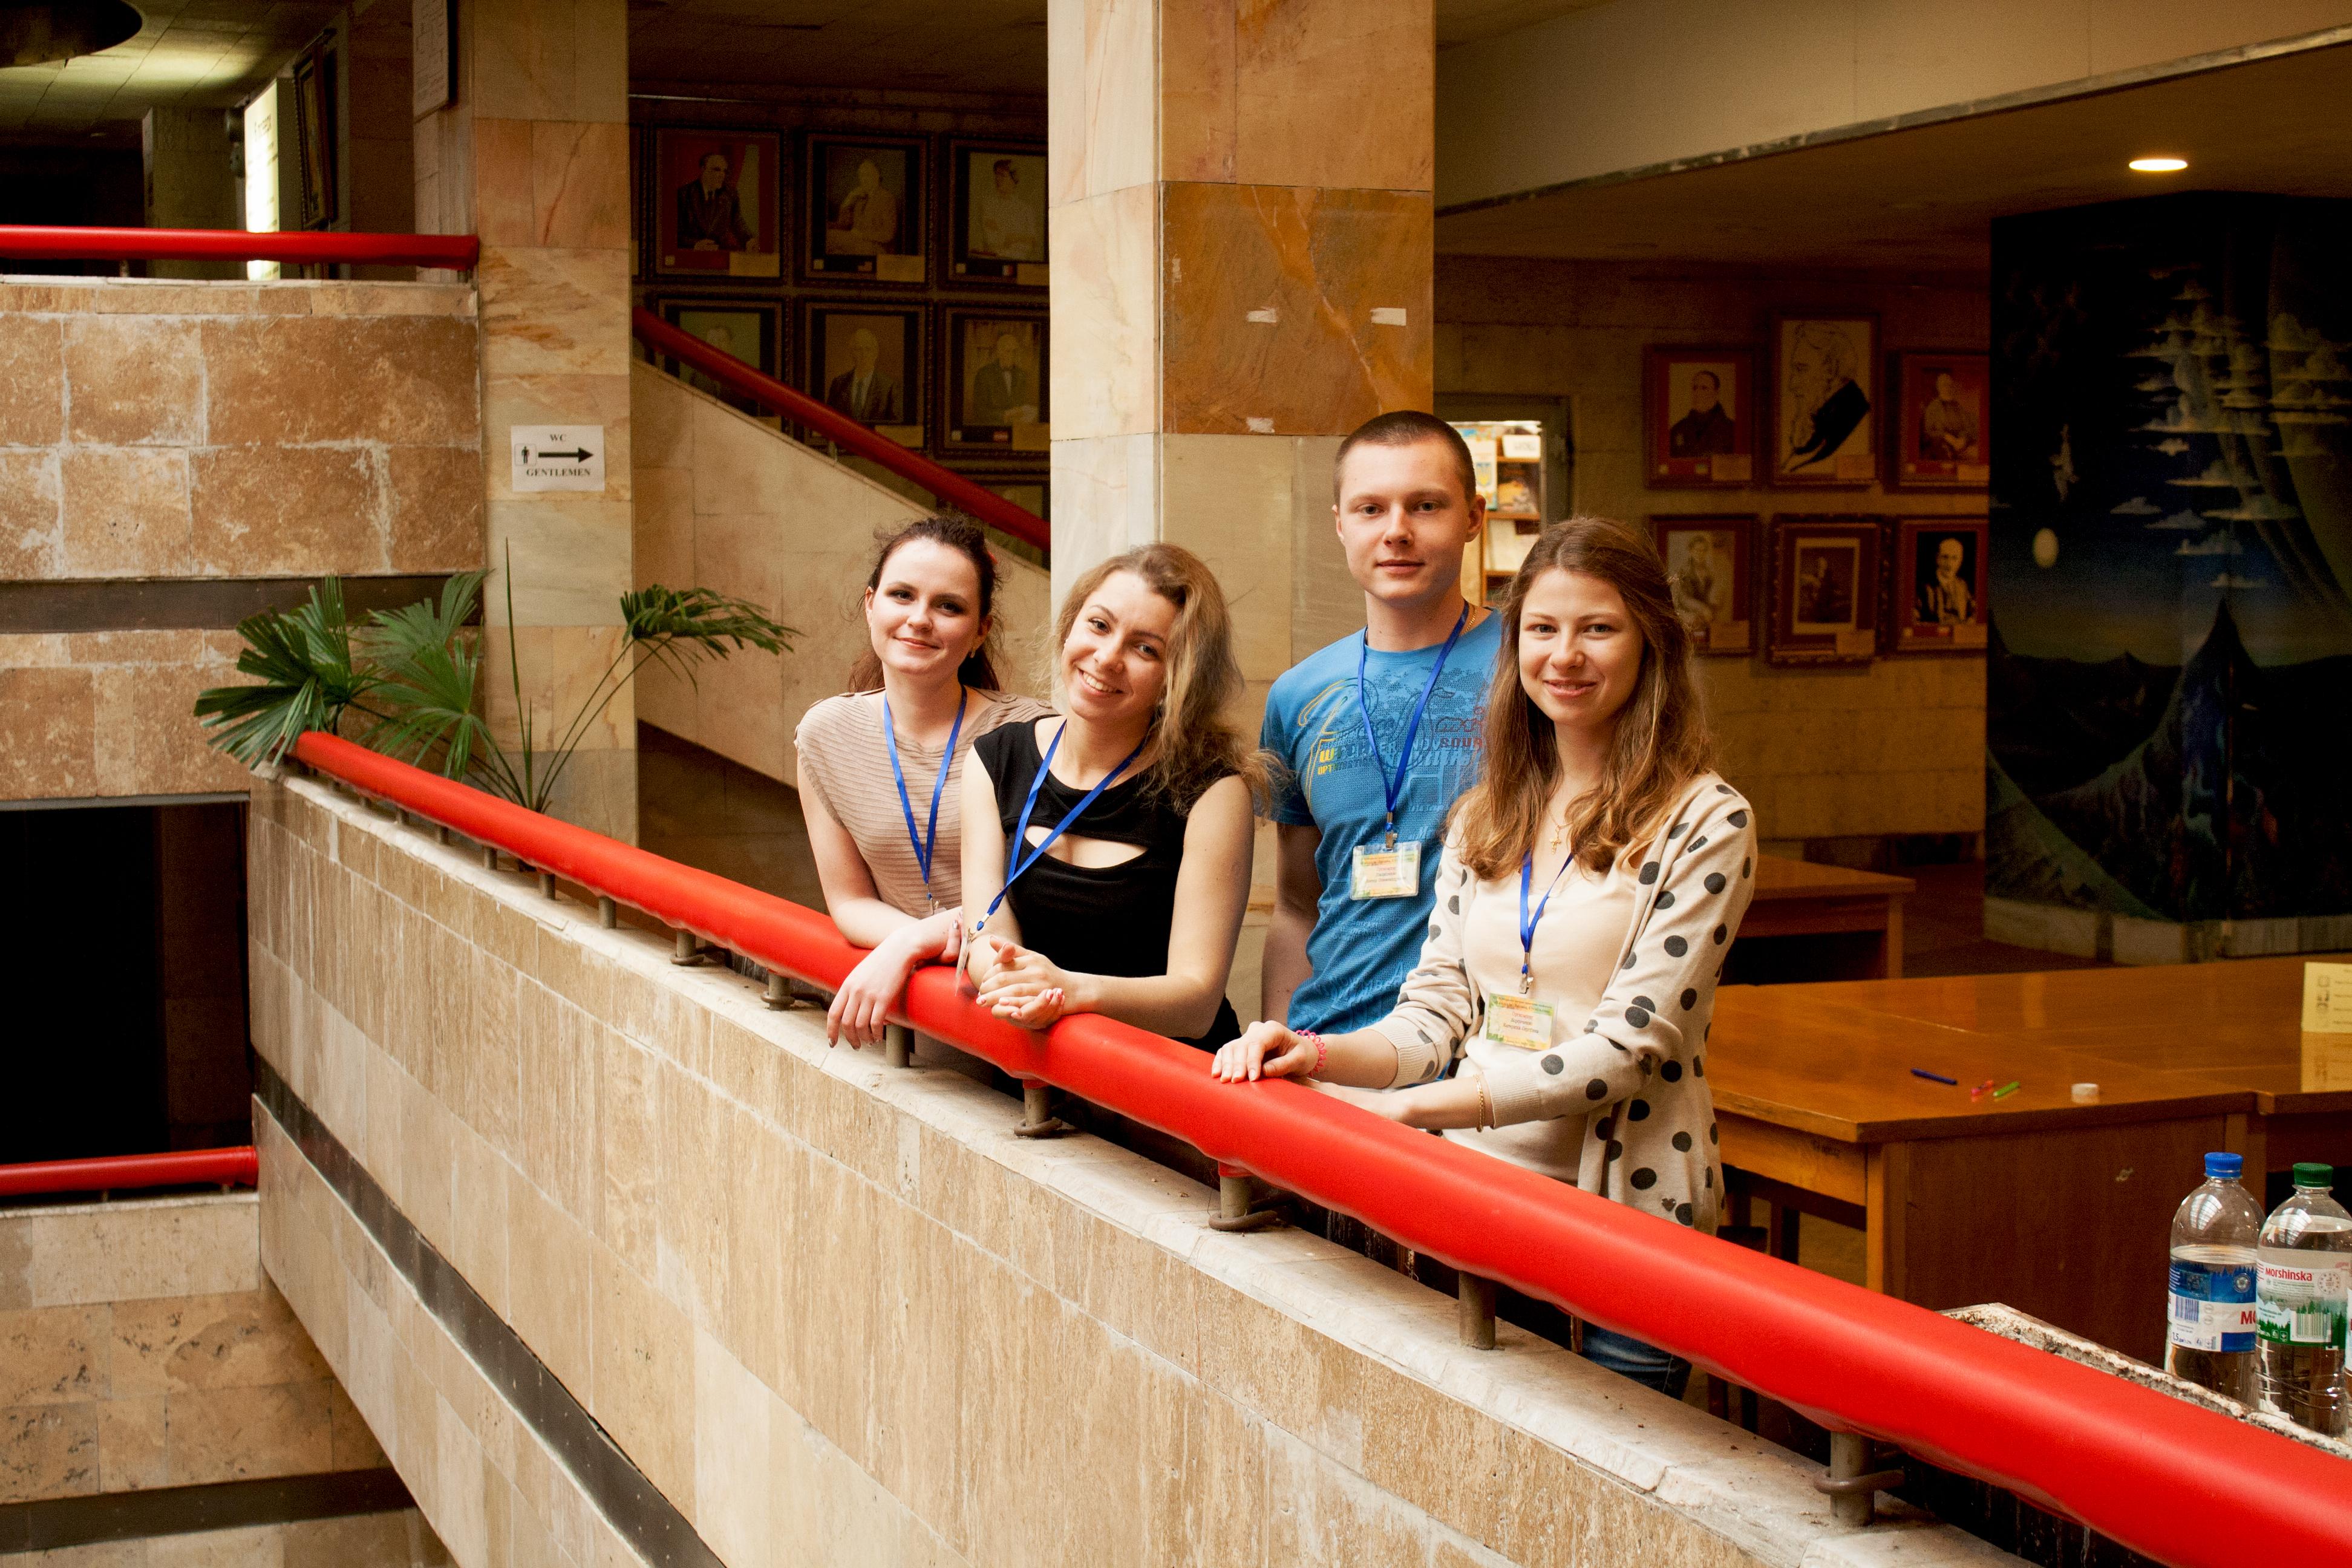 Бакалаври Факультету біотехнології і біотехніки та Інженерно-хімічного факультету Київського політехнічного університету